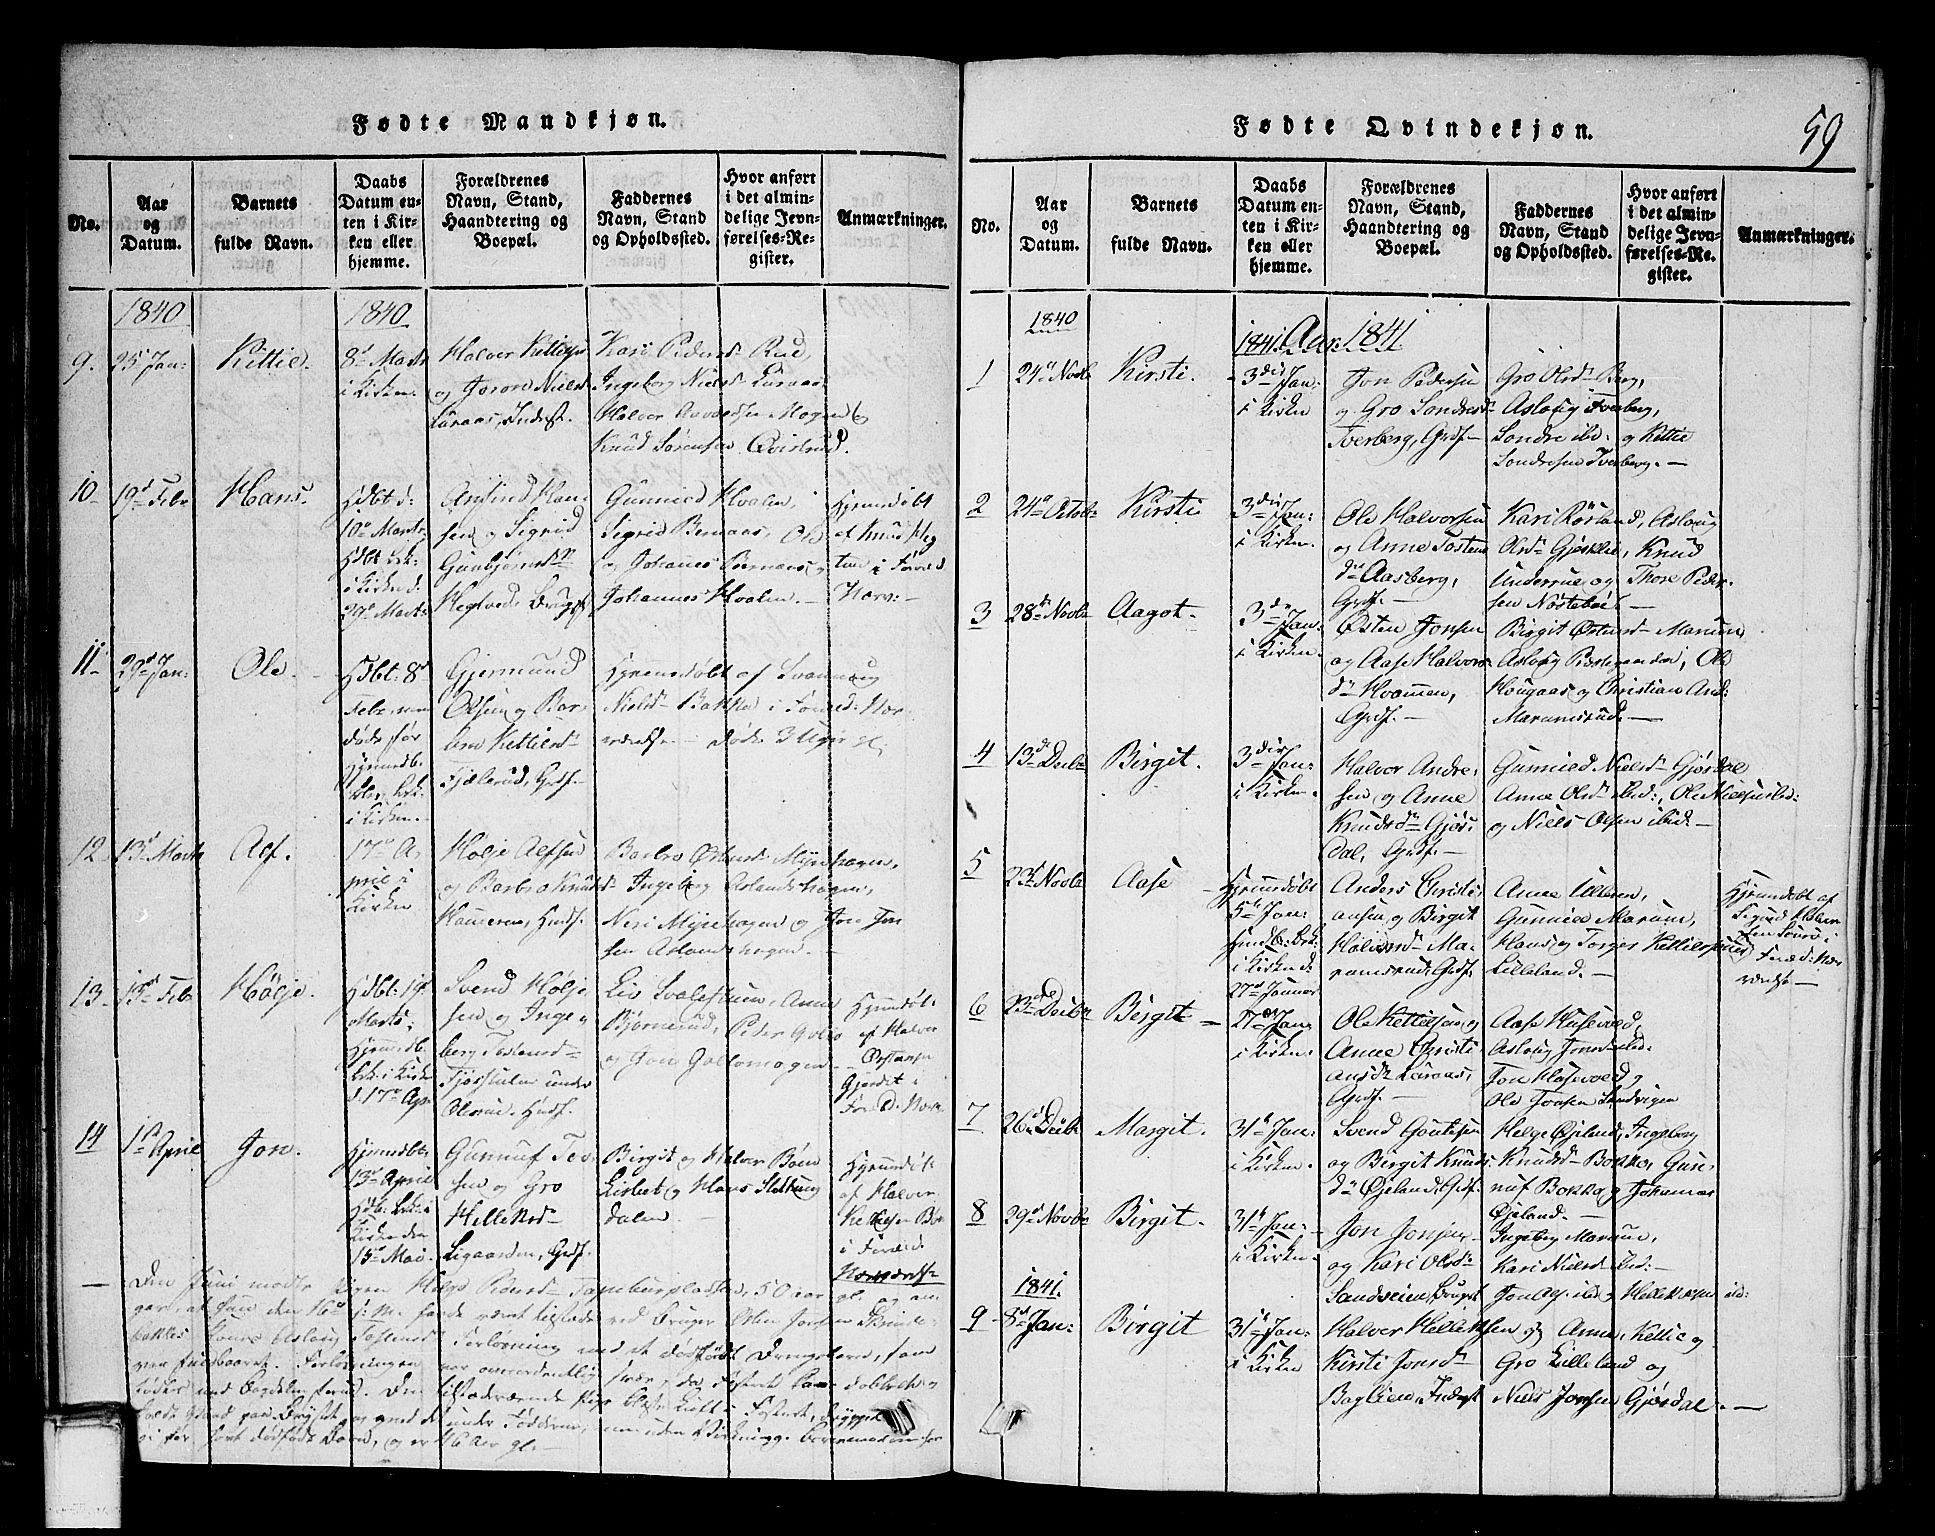 SAKO, Tinn kirkebøker, G/Gb/L0001: Klokkerbok nr. II 1 /2, 1837-1850, s. 59